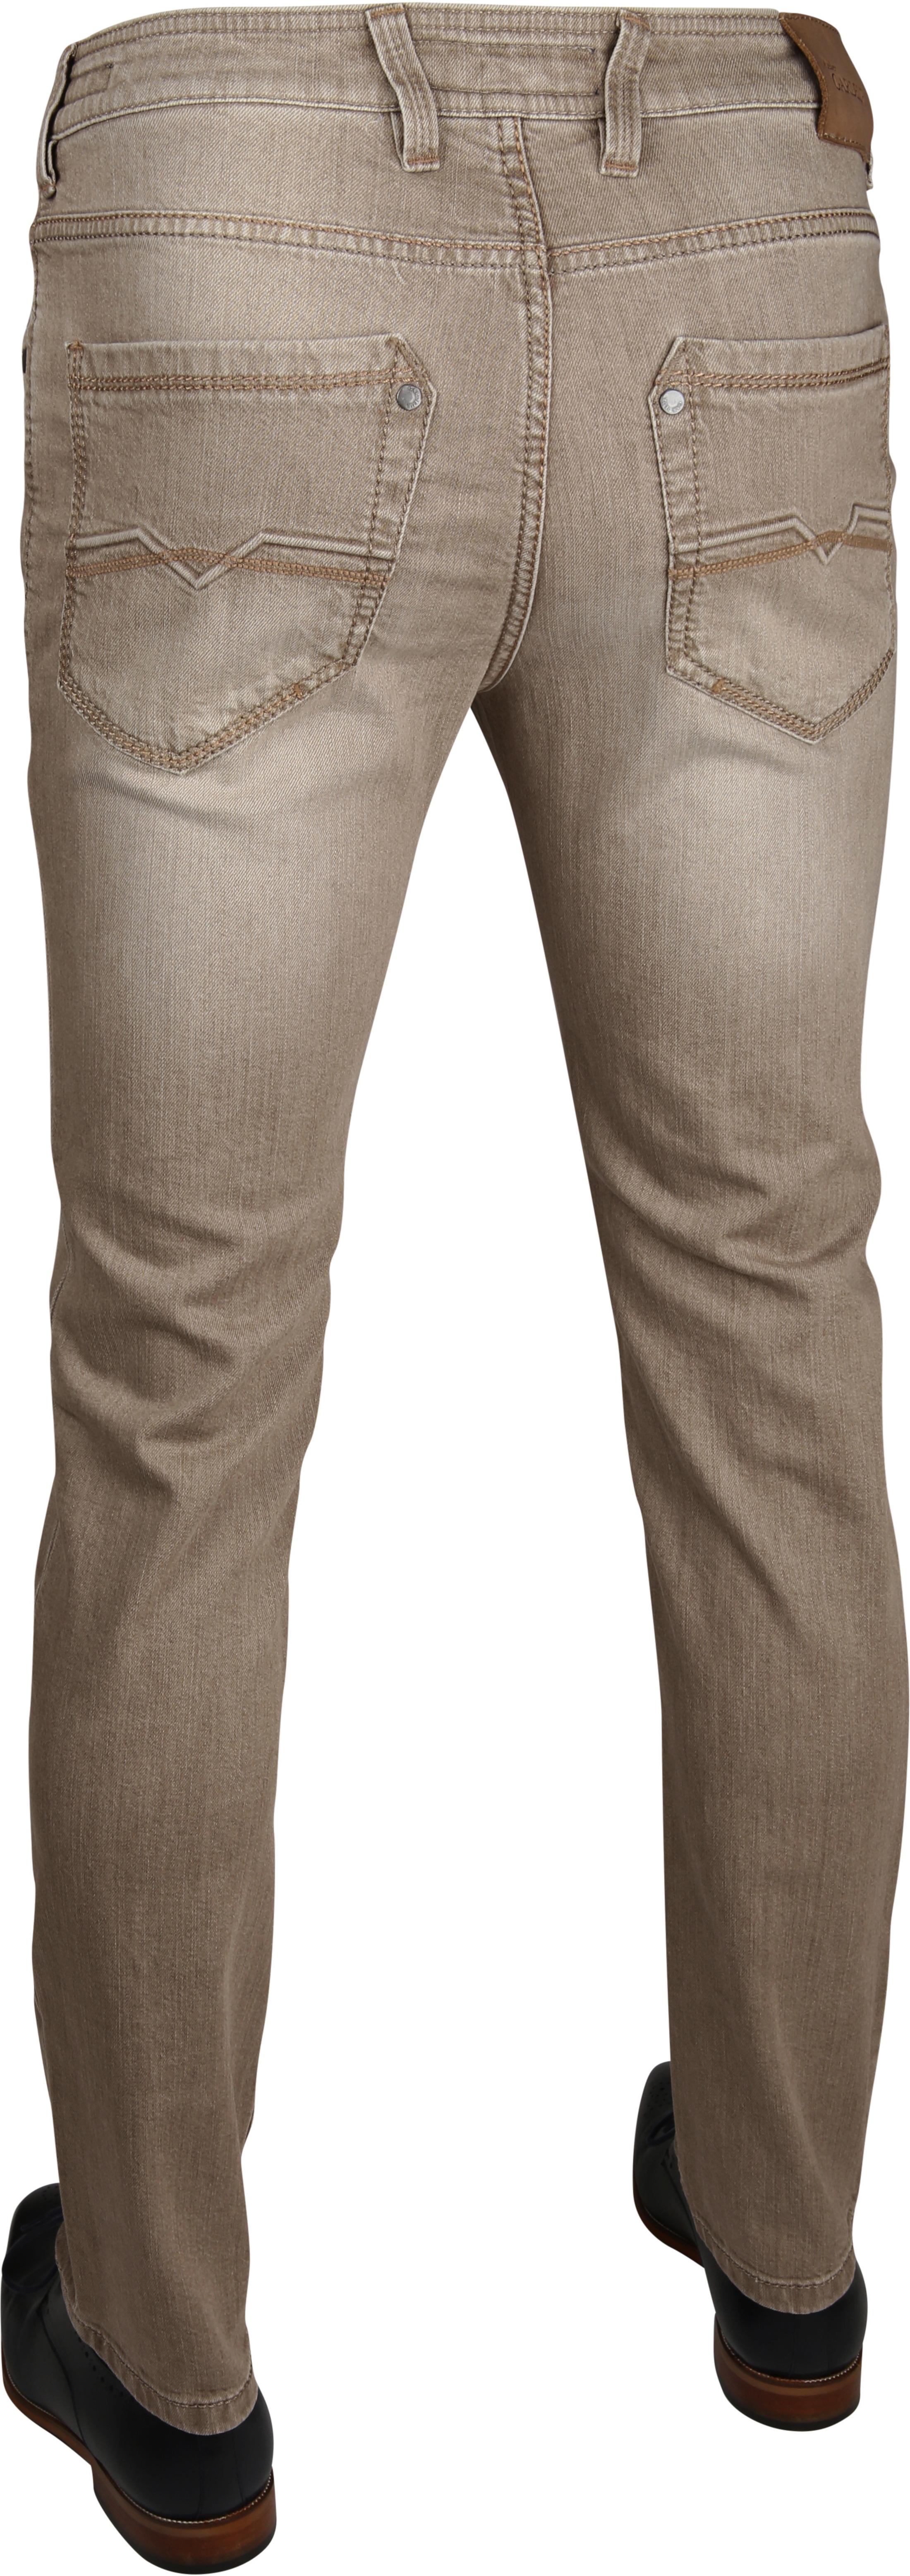 Gardeur Batu Jeans Beige foto 3